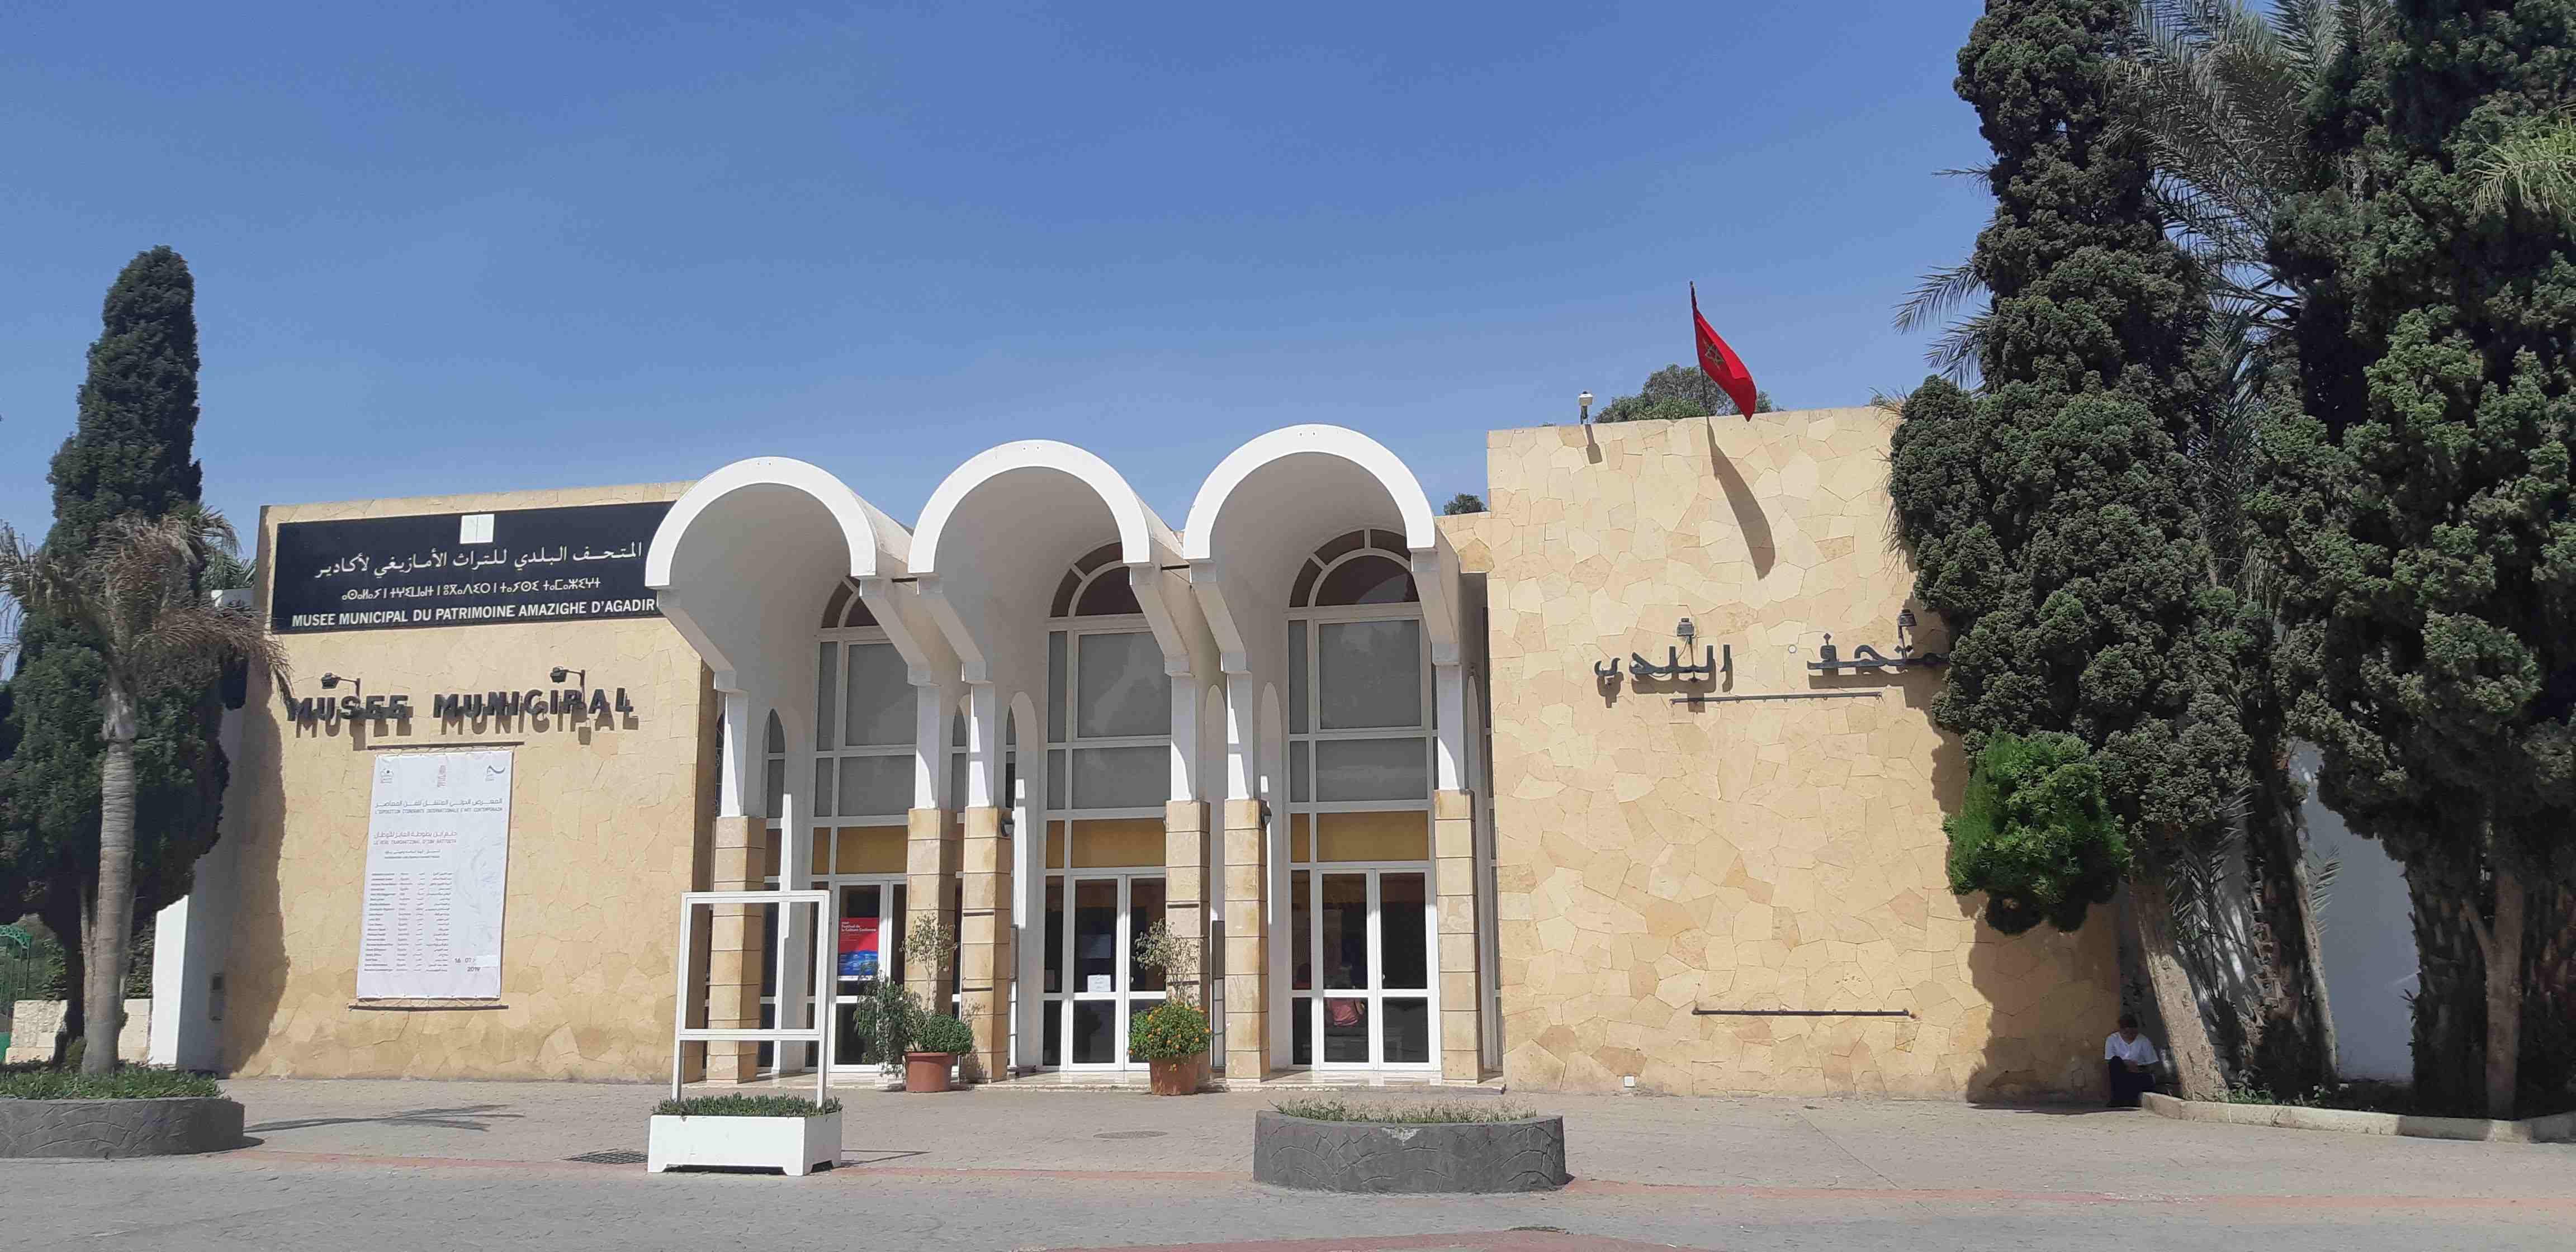 Amazigh Heritage Museum